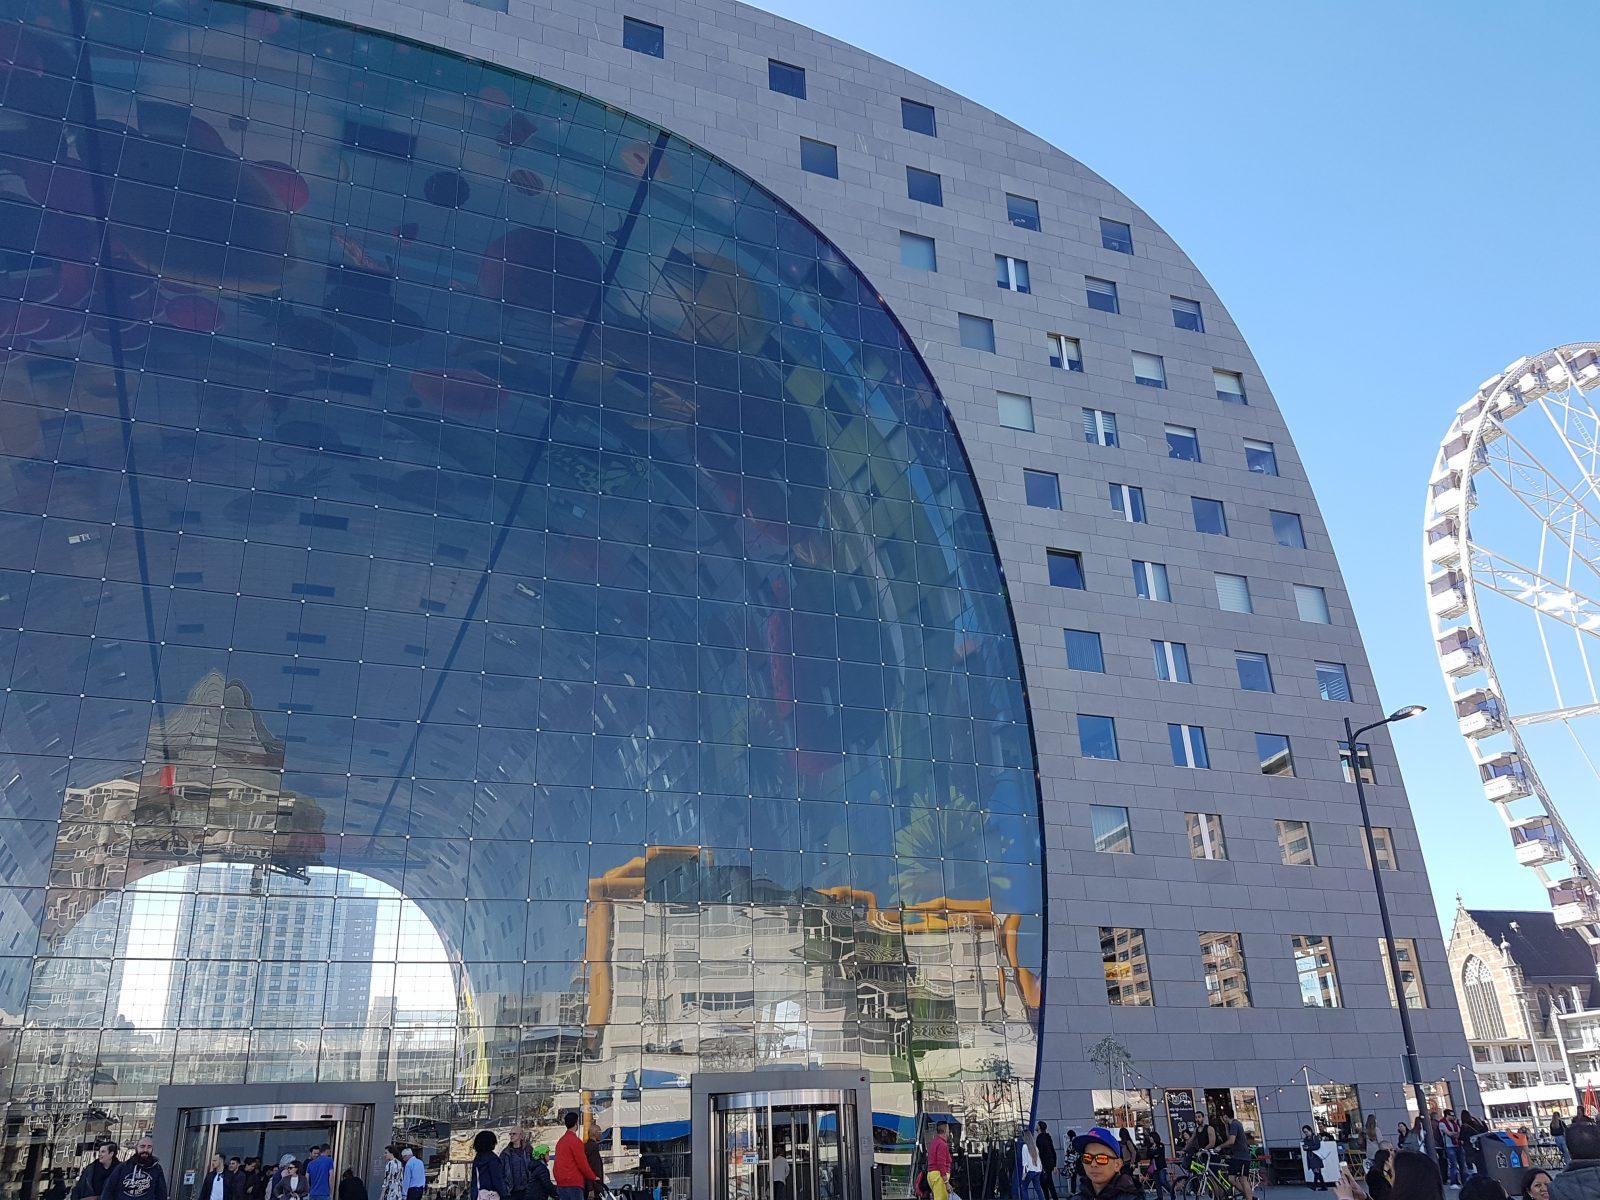 ロッテルダムのマルクトホールの外観